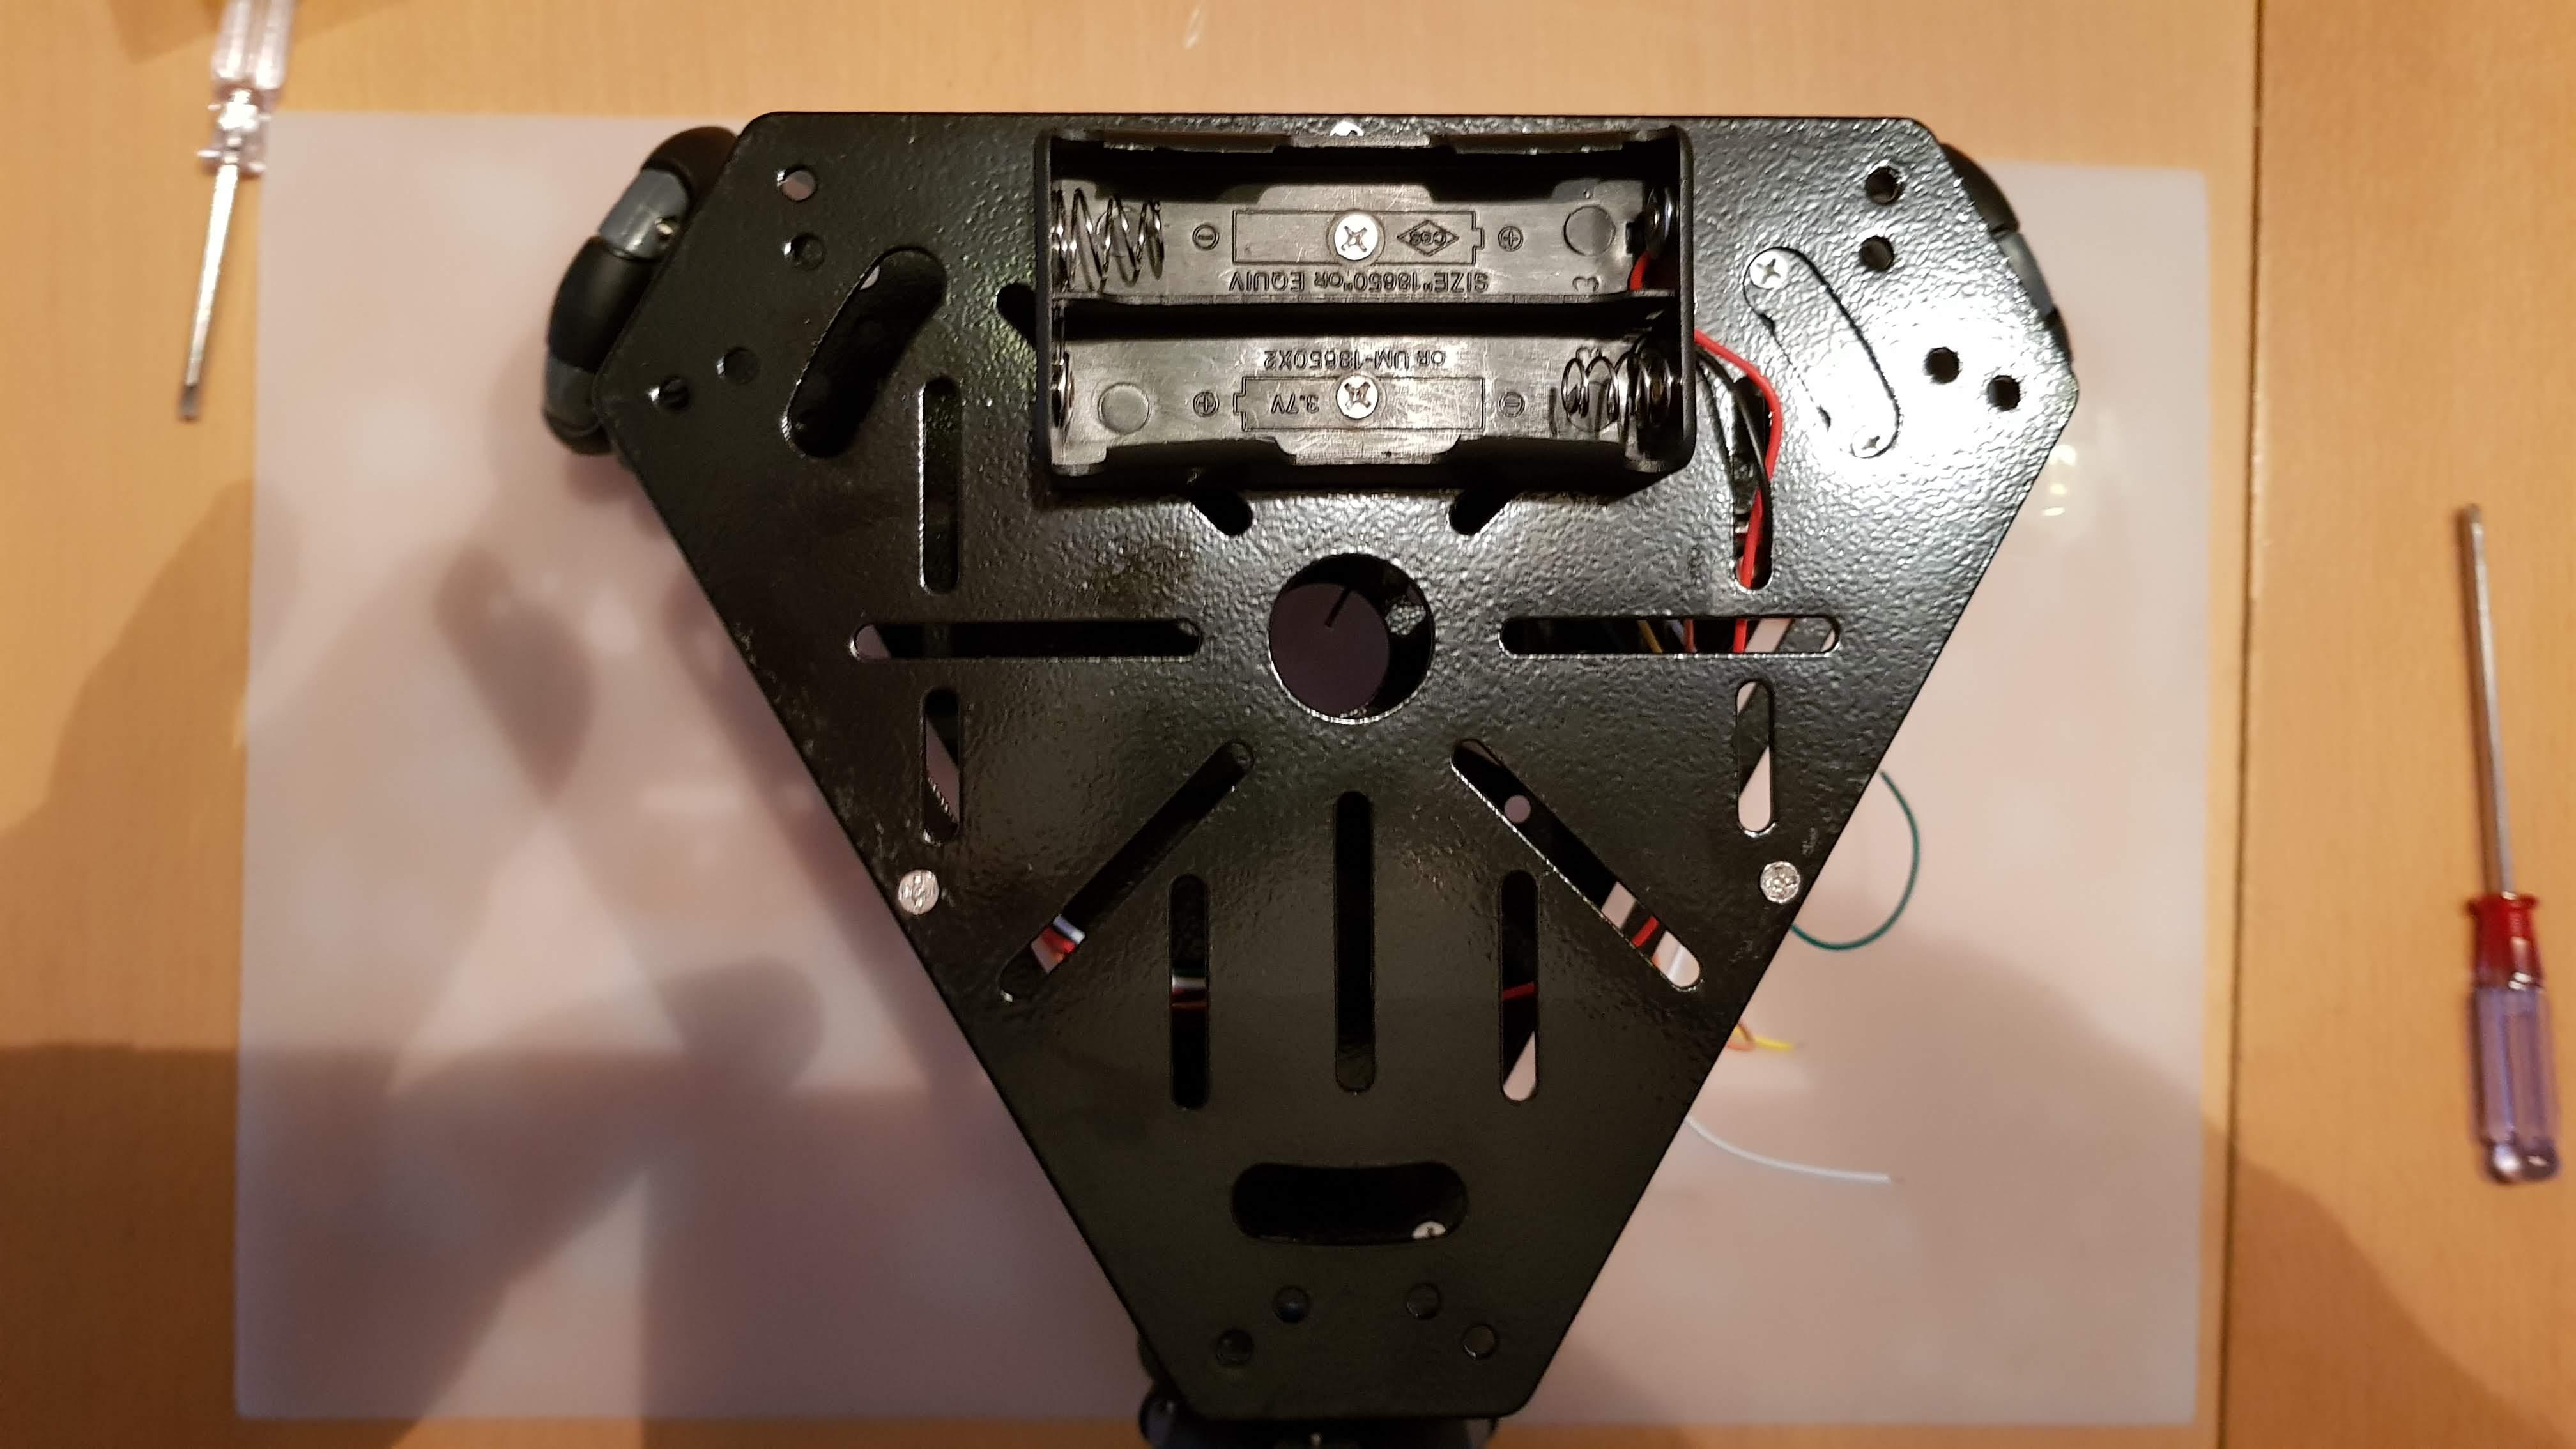 Omnicar Bodenplatte mit aufgeschraubtes Batteriefach